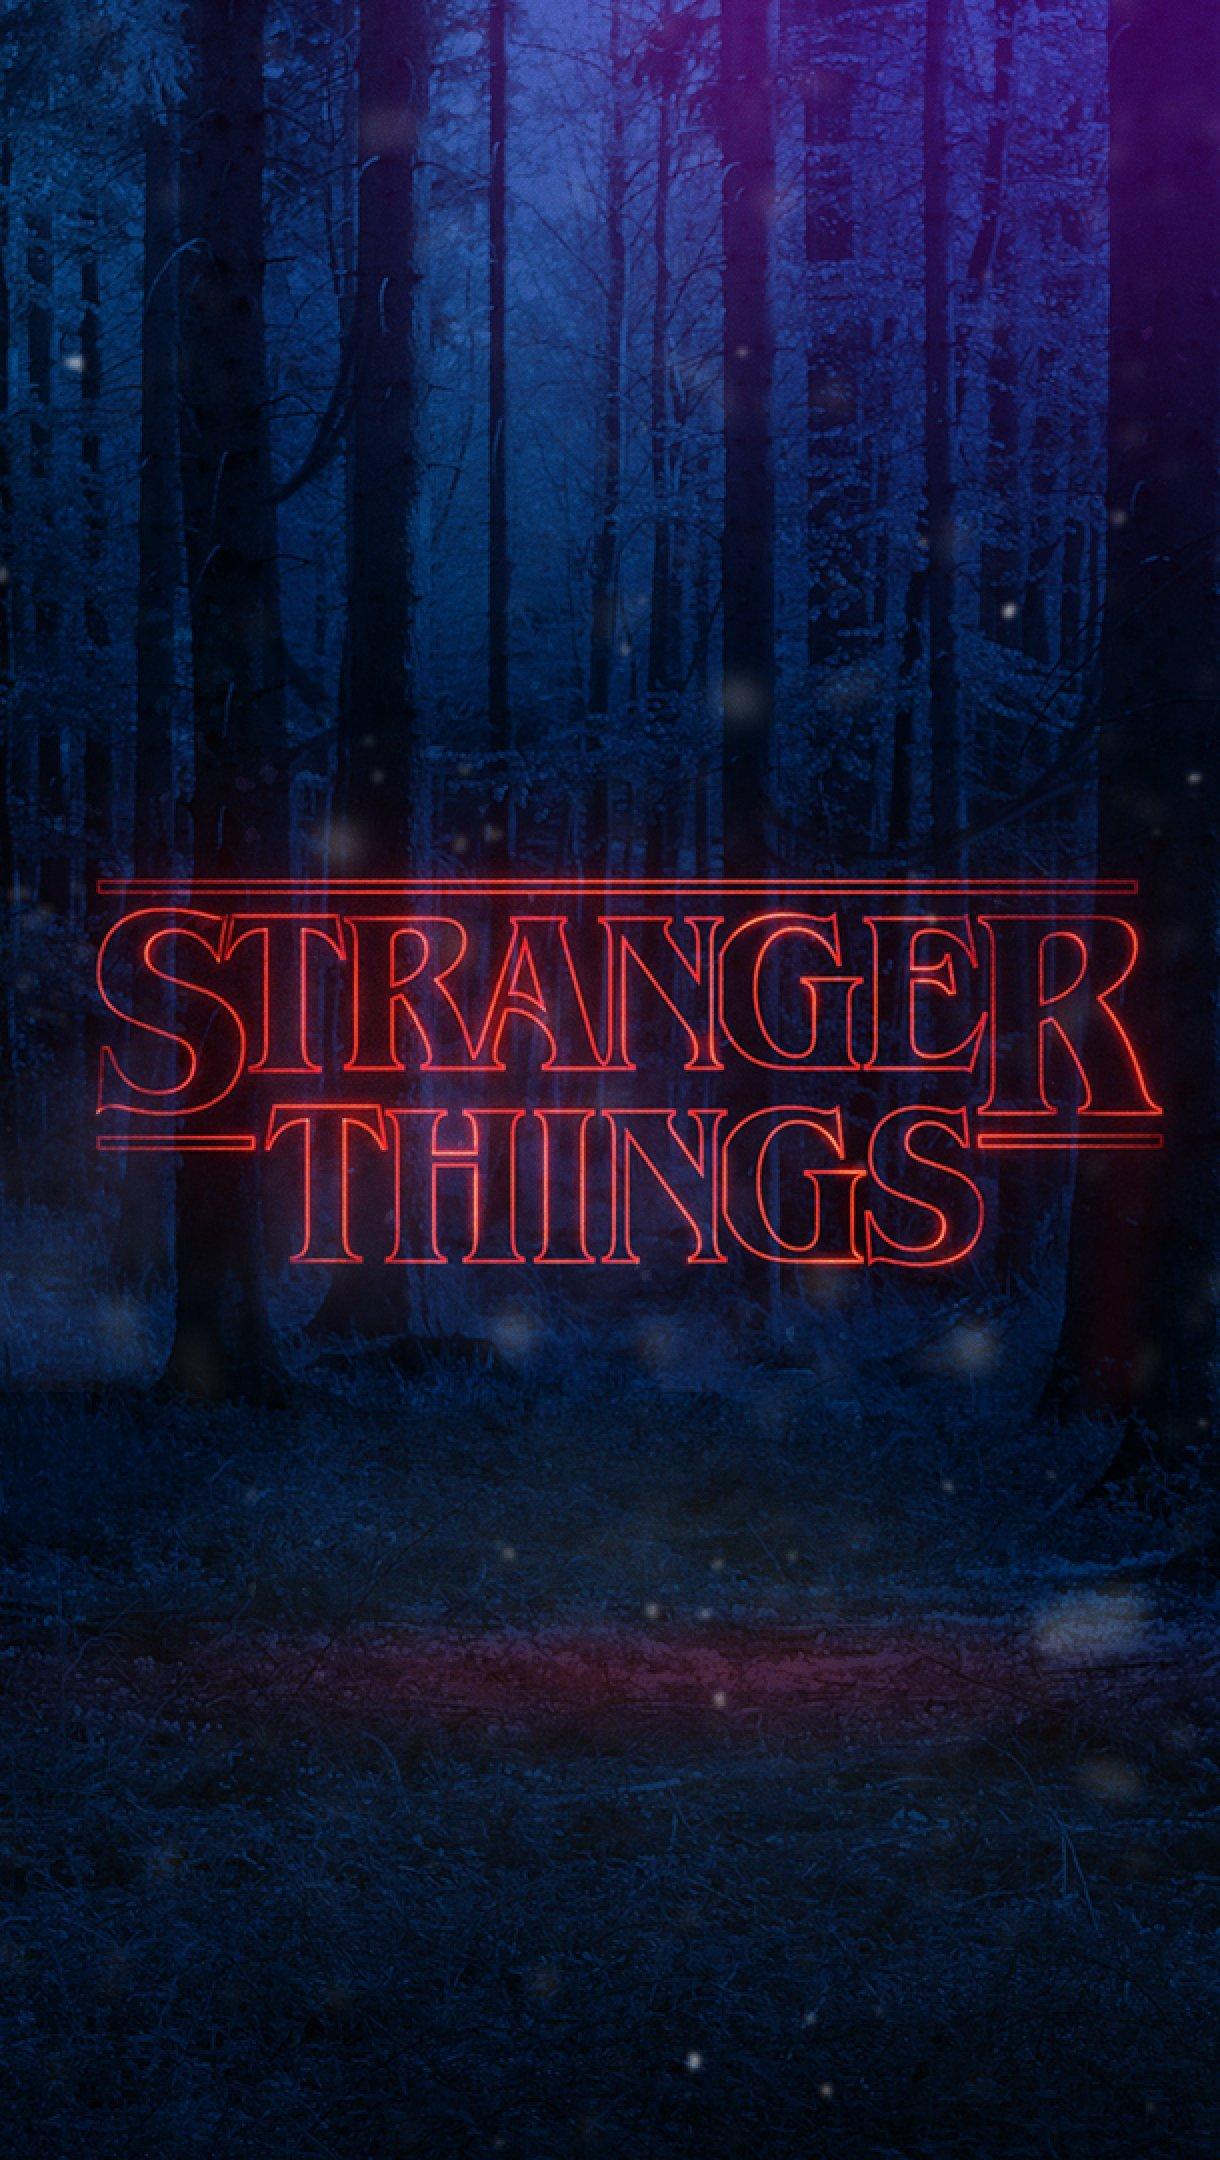 Wallpaper Stranger Things Bosque Logo Netflix Vertical